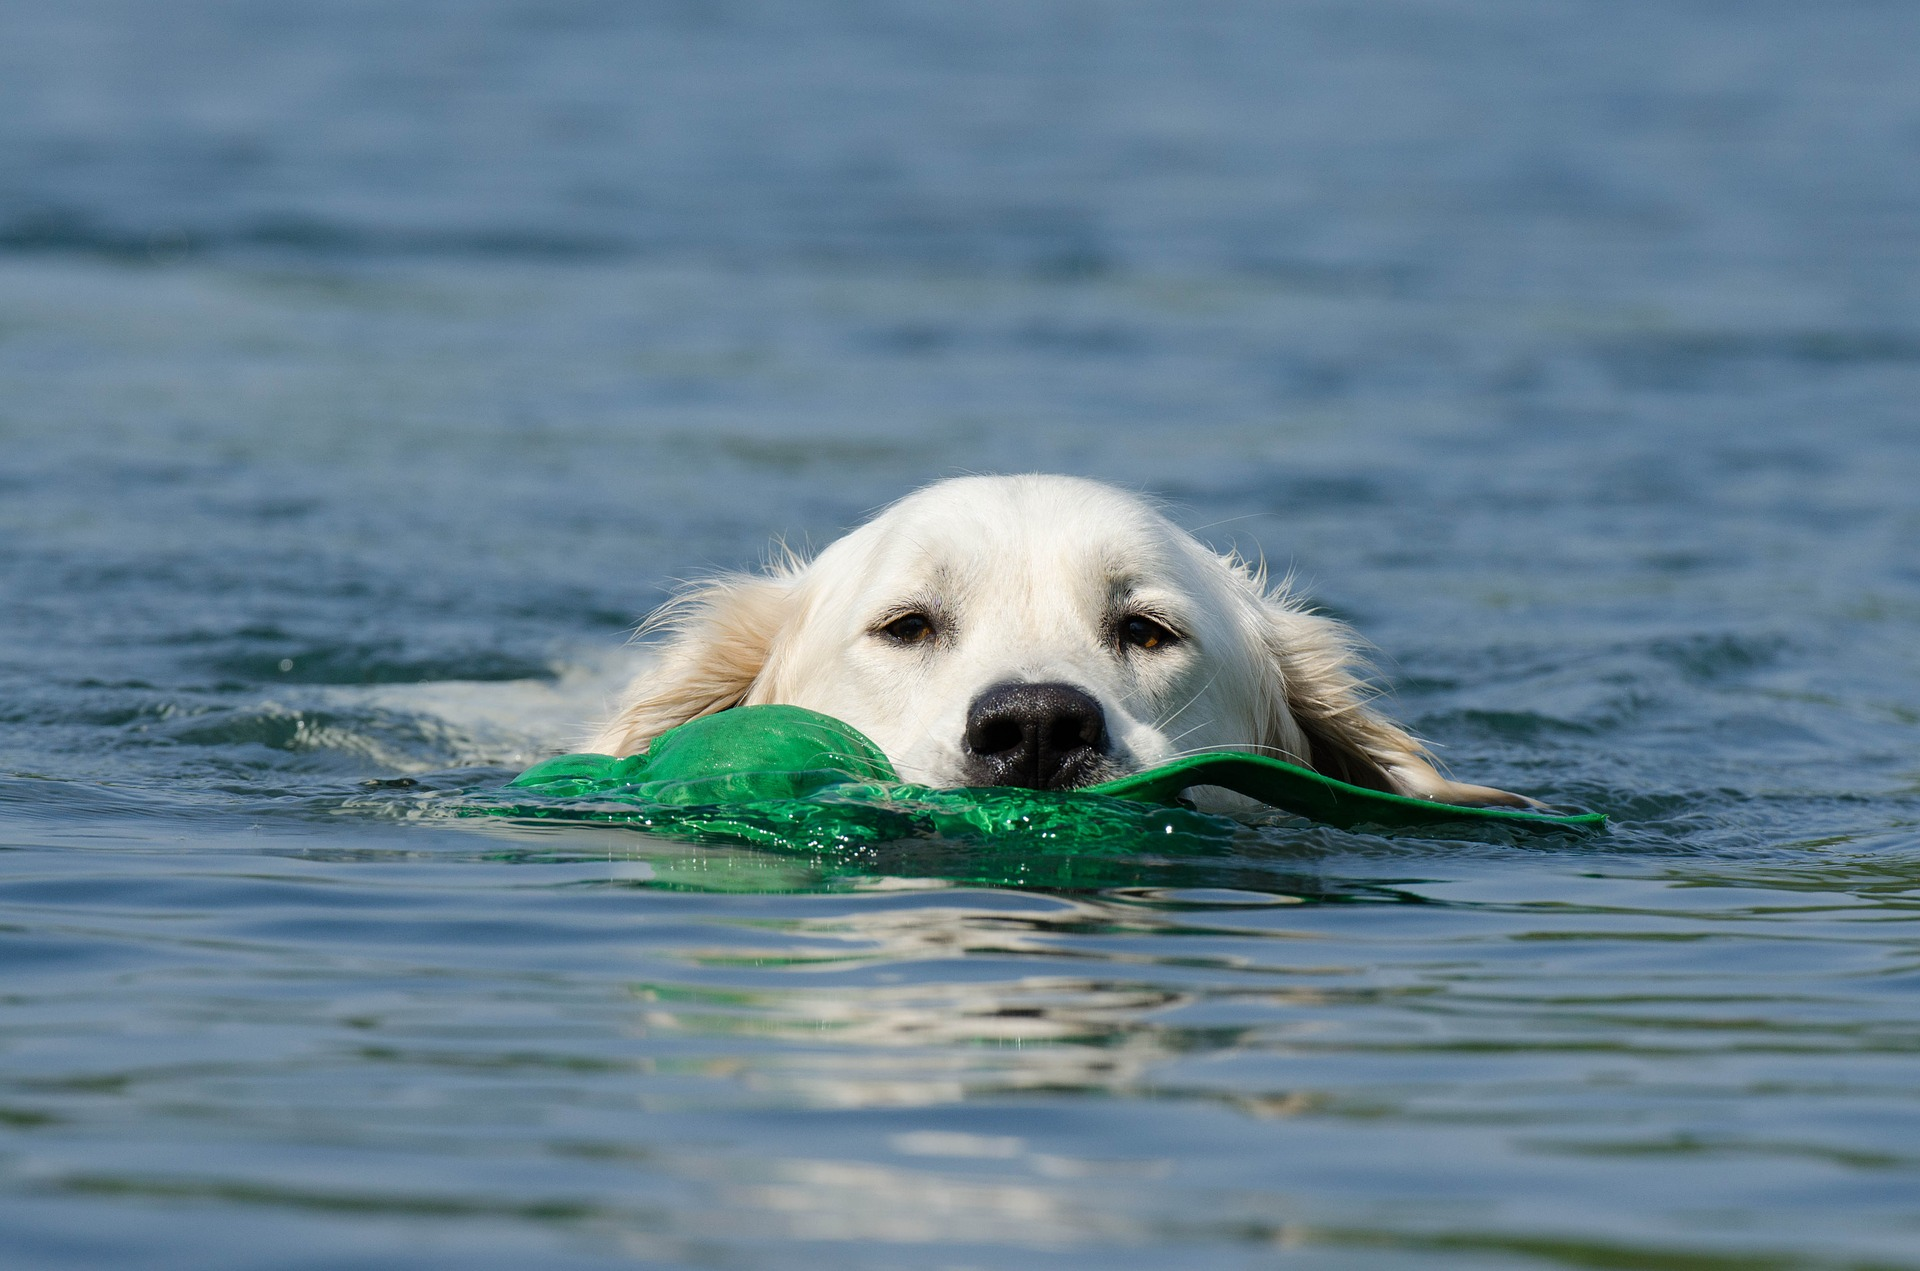 Badespaß kann für Hunde tödlich enden